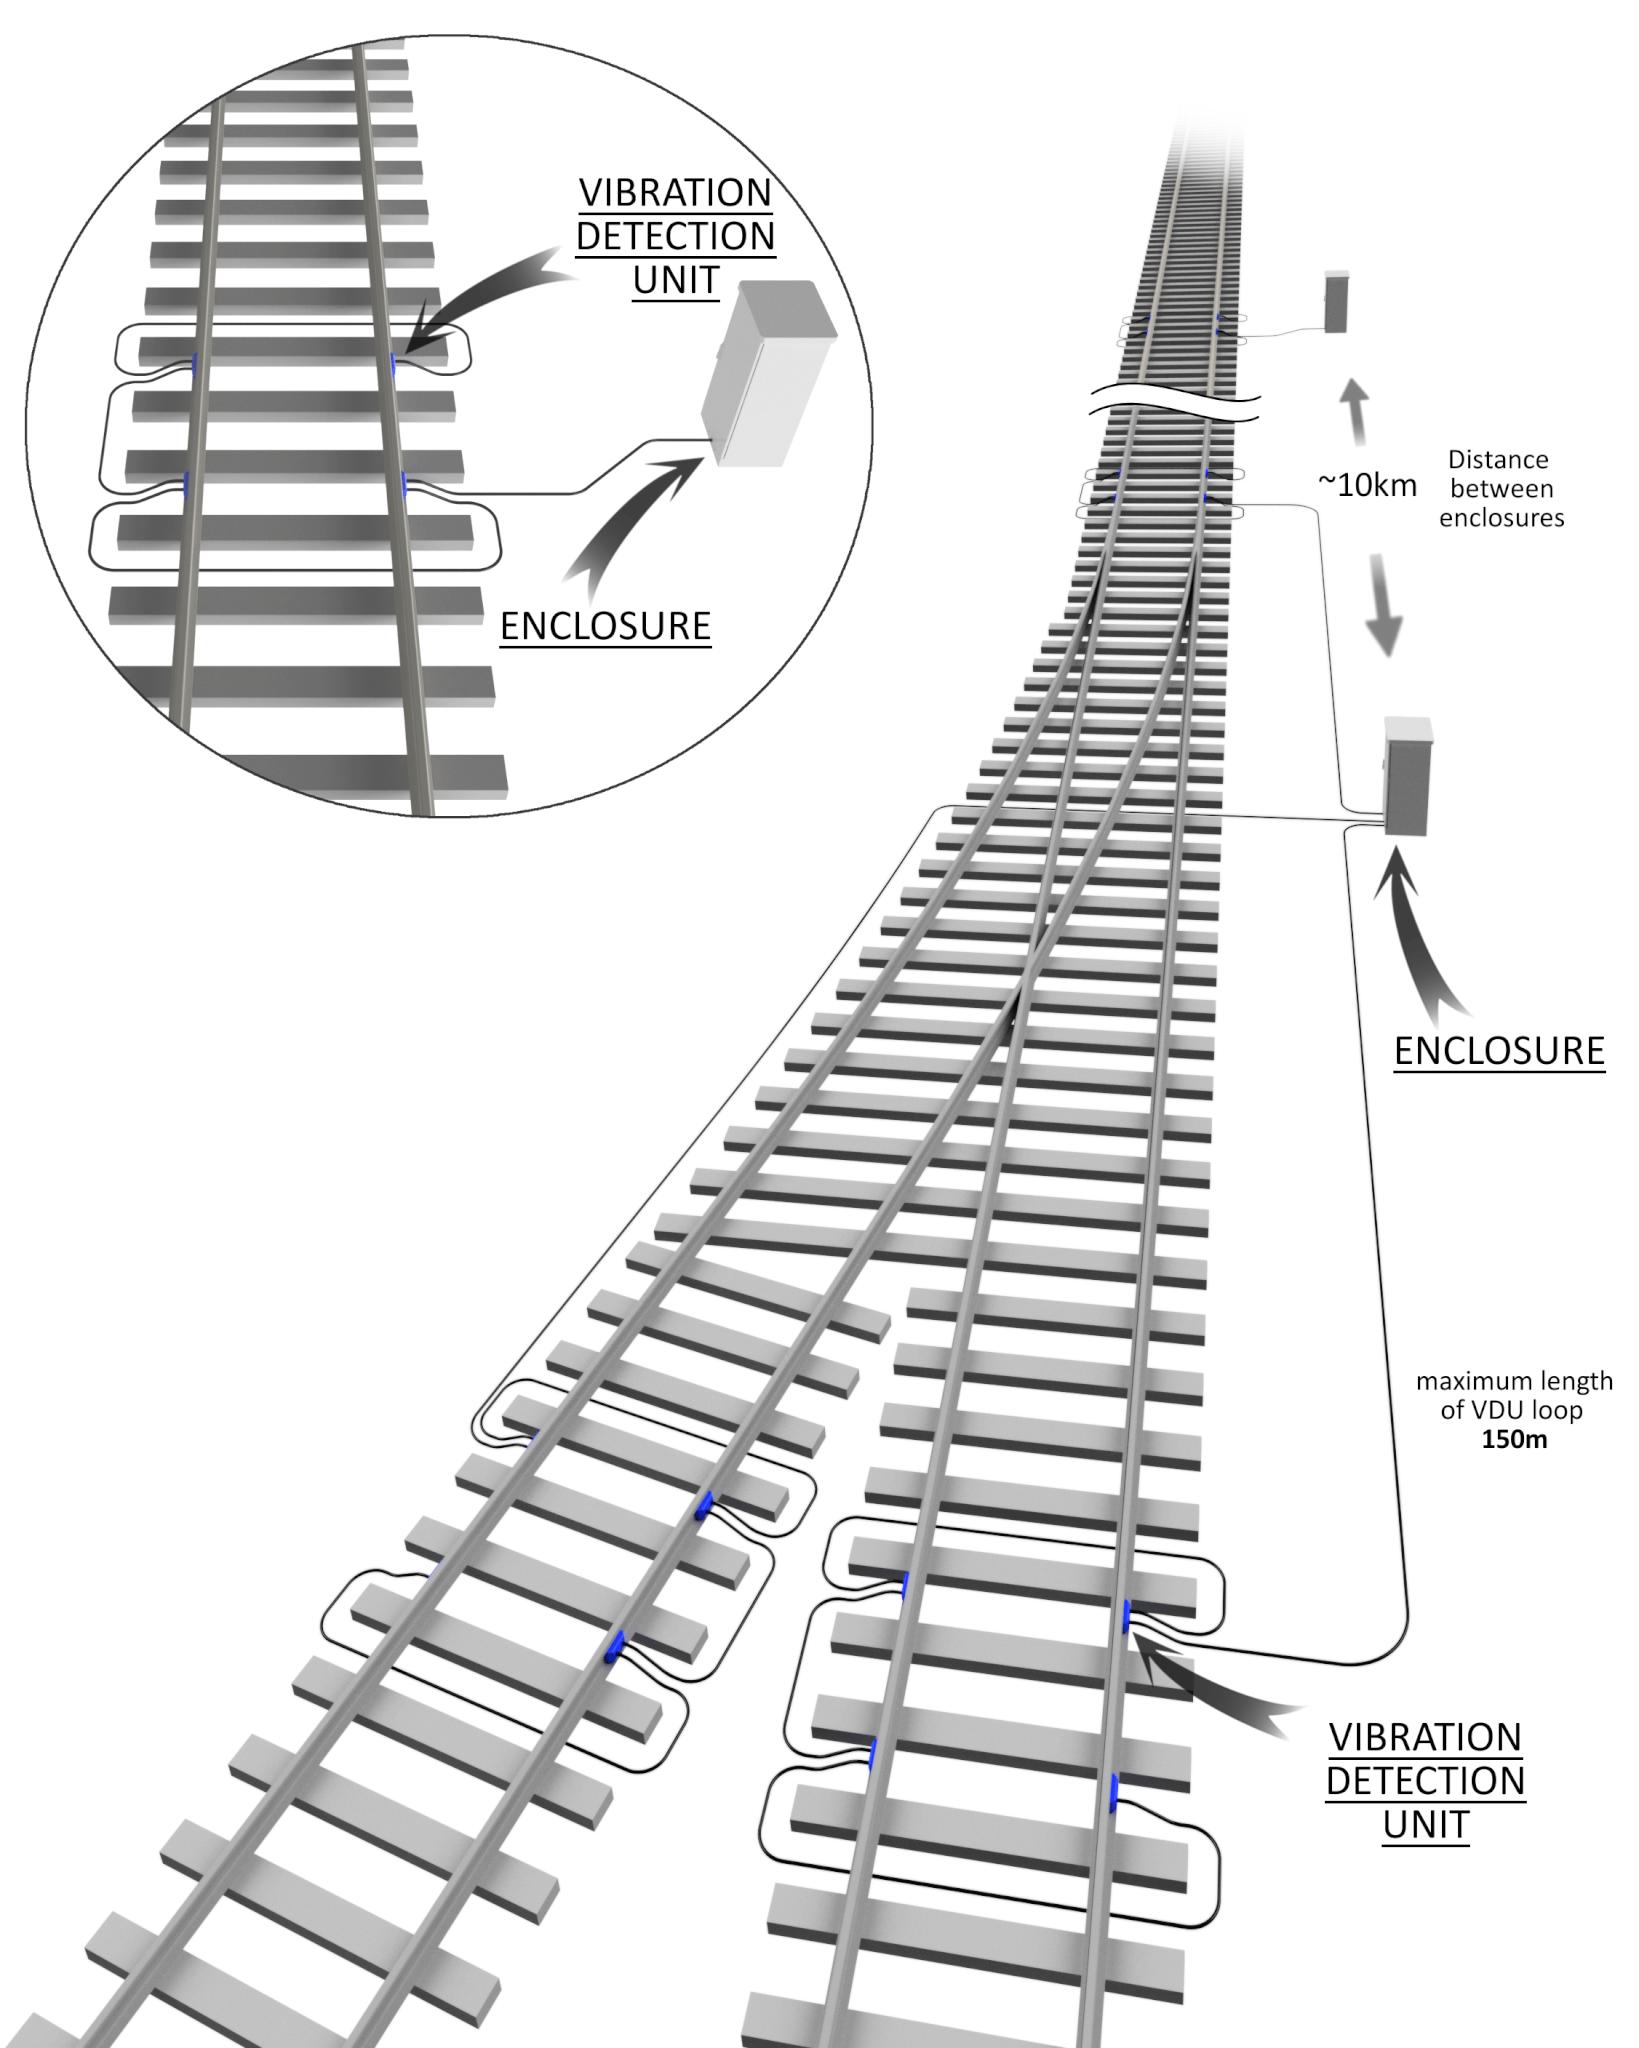 Schematics of an infrastructure surveillance installation for Broken Rail